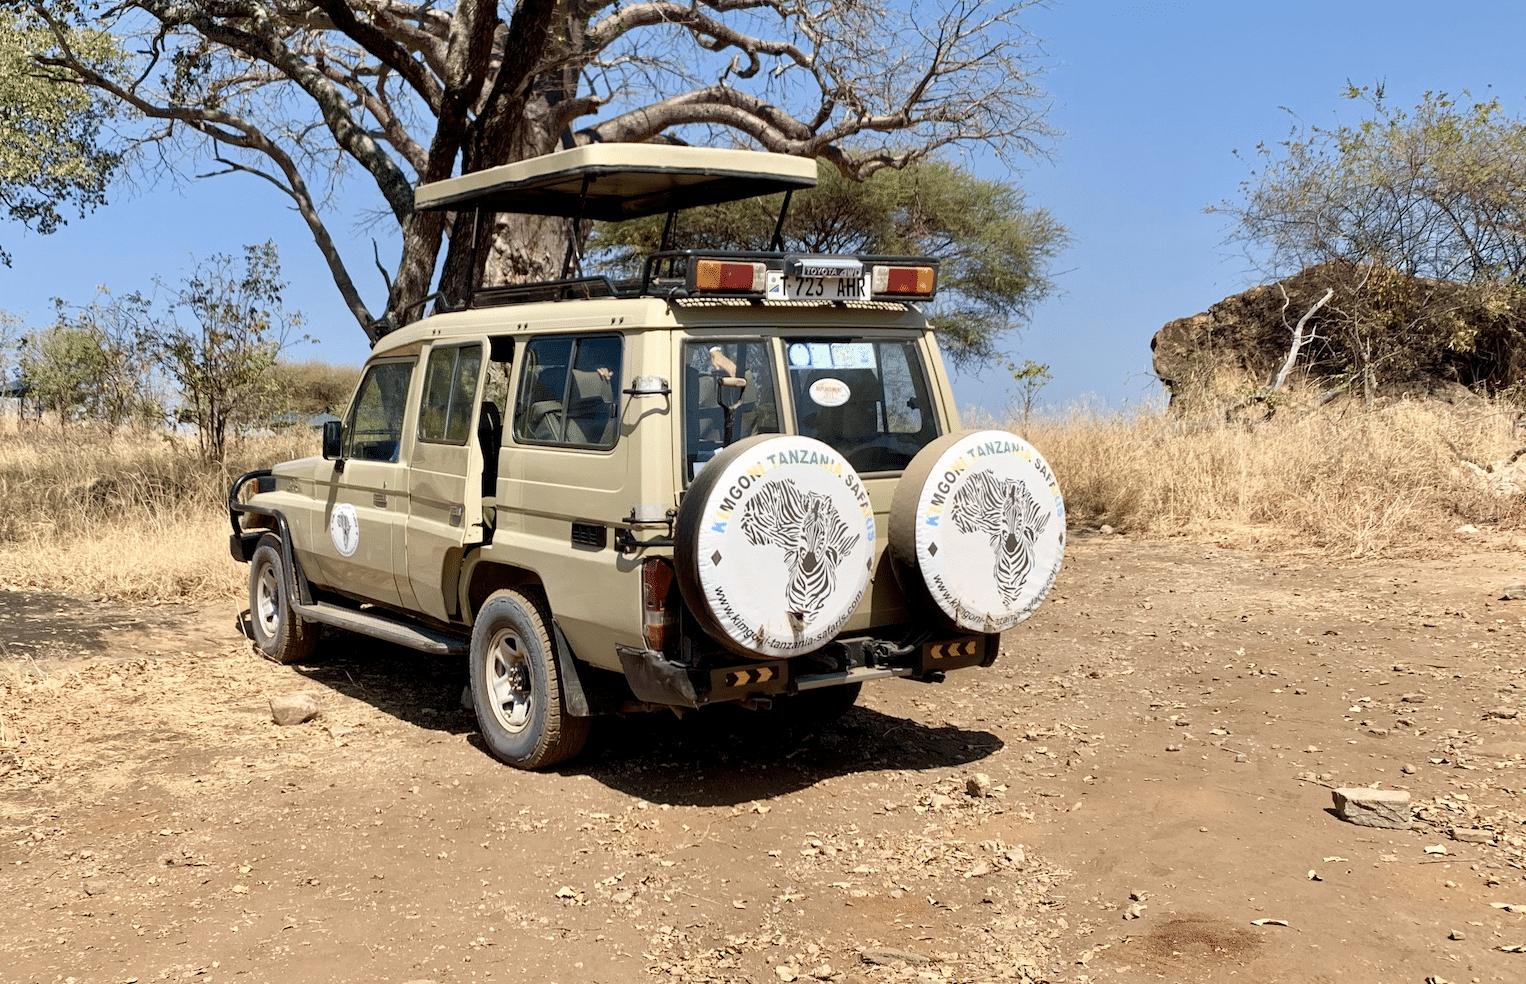 reserver son safari en tanzanie avec l'agence kimgoni tanzania safaris